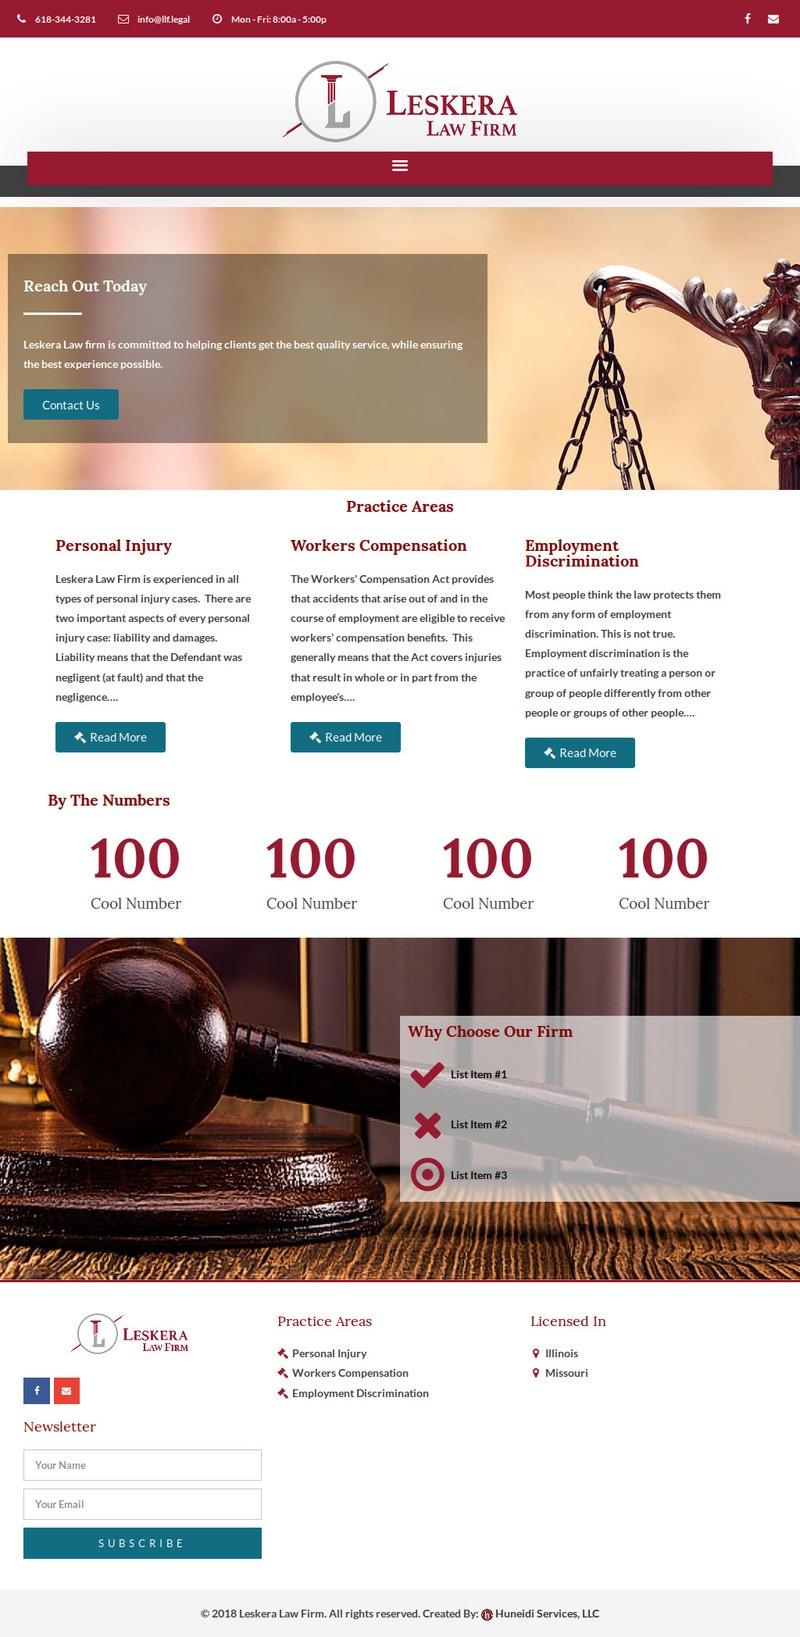 Leskera Law Firm